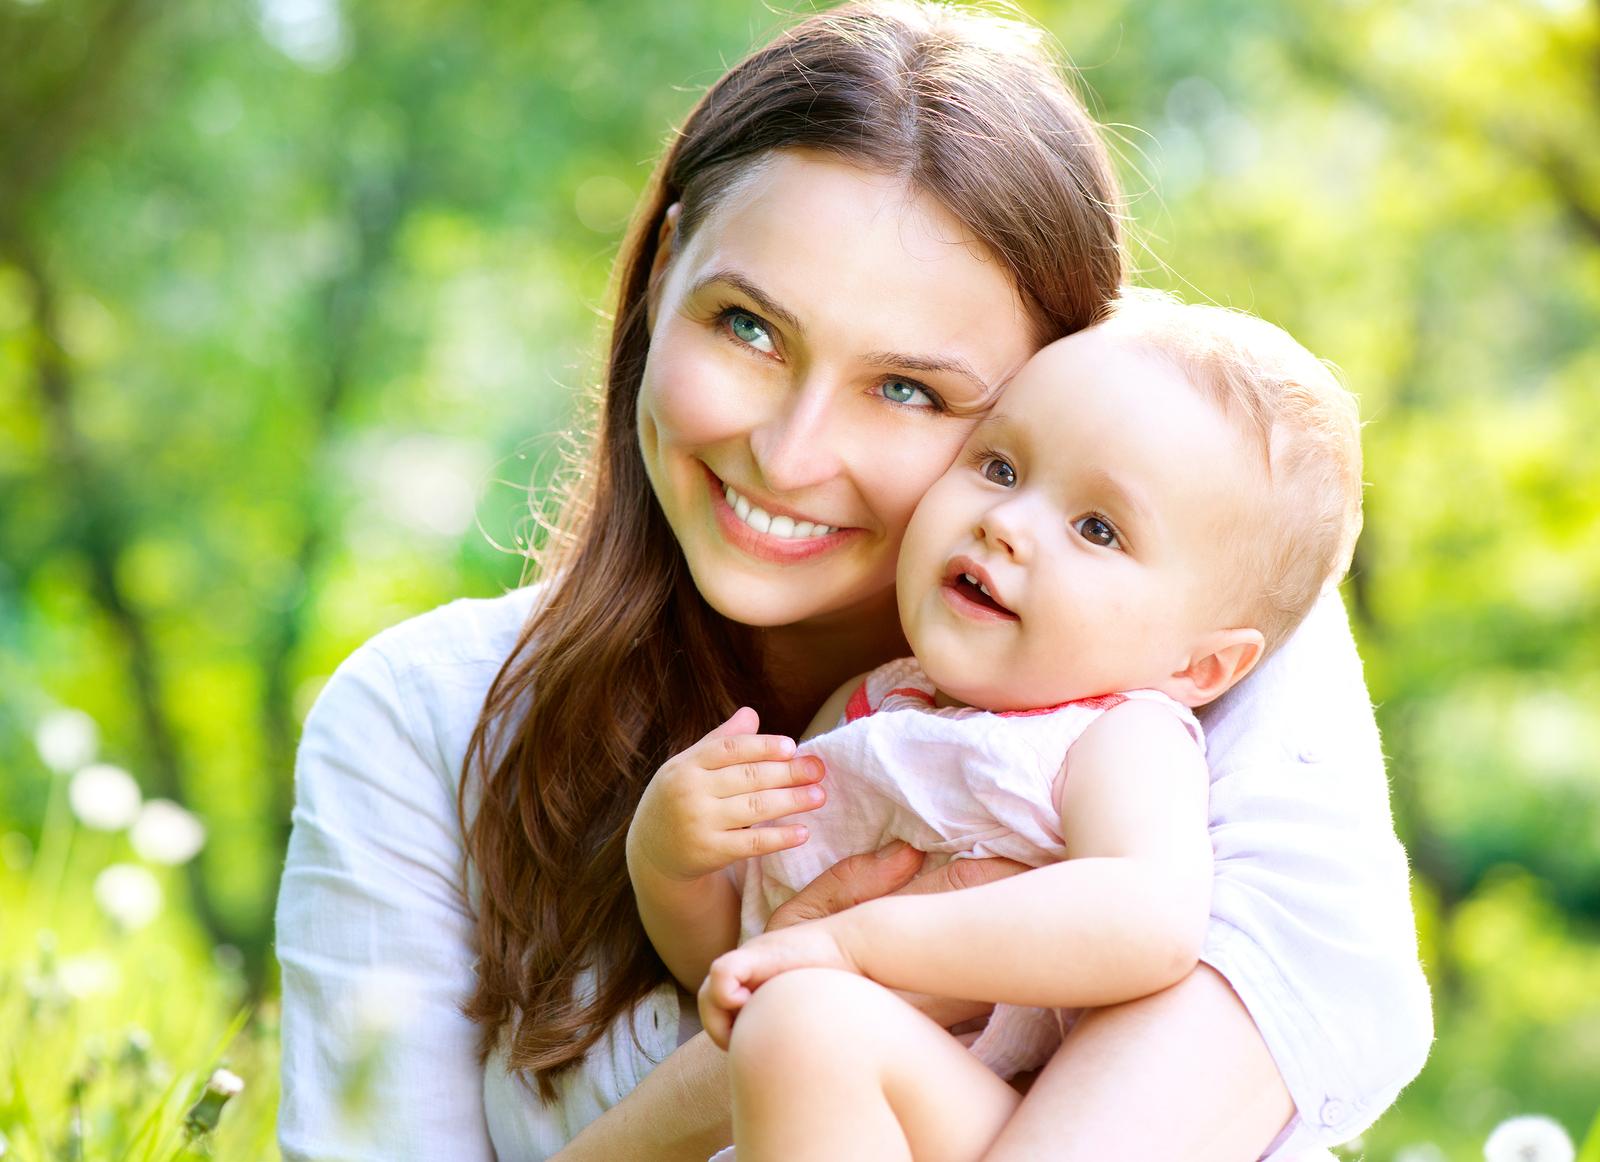 воспитание ребенка в семье курсовая работа